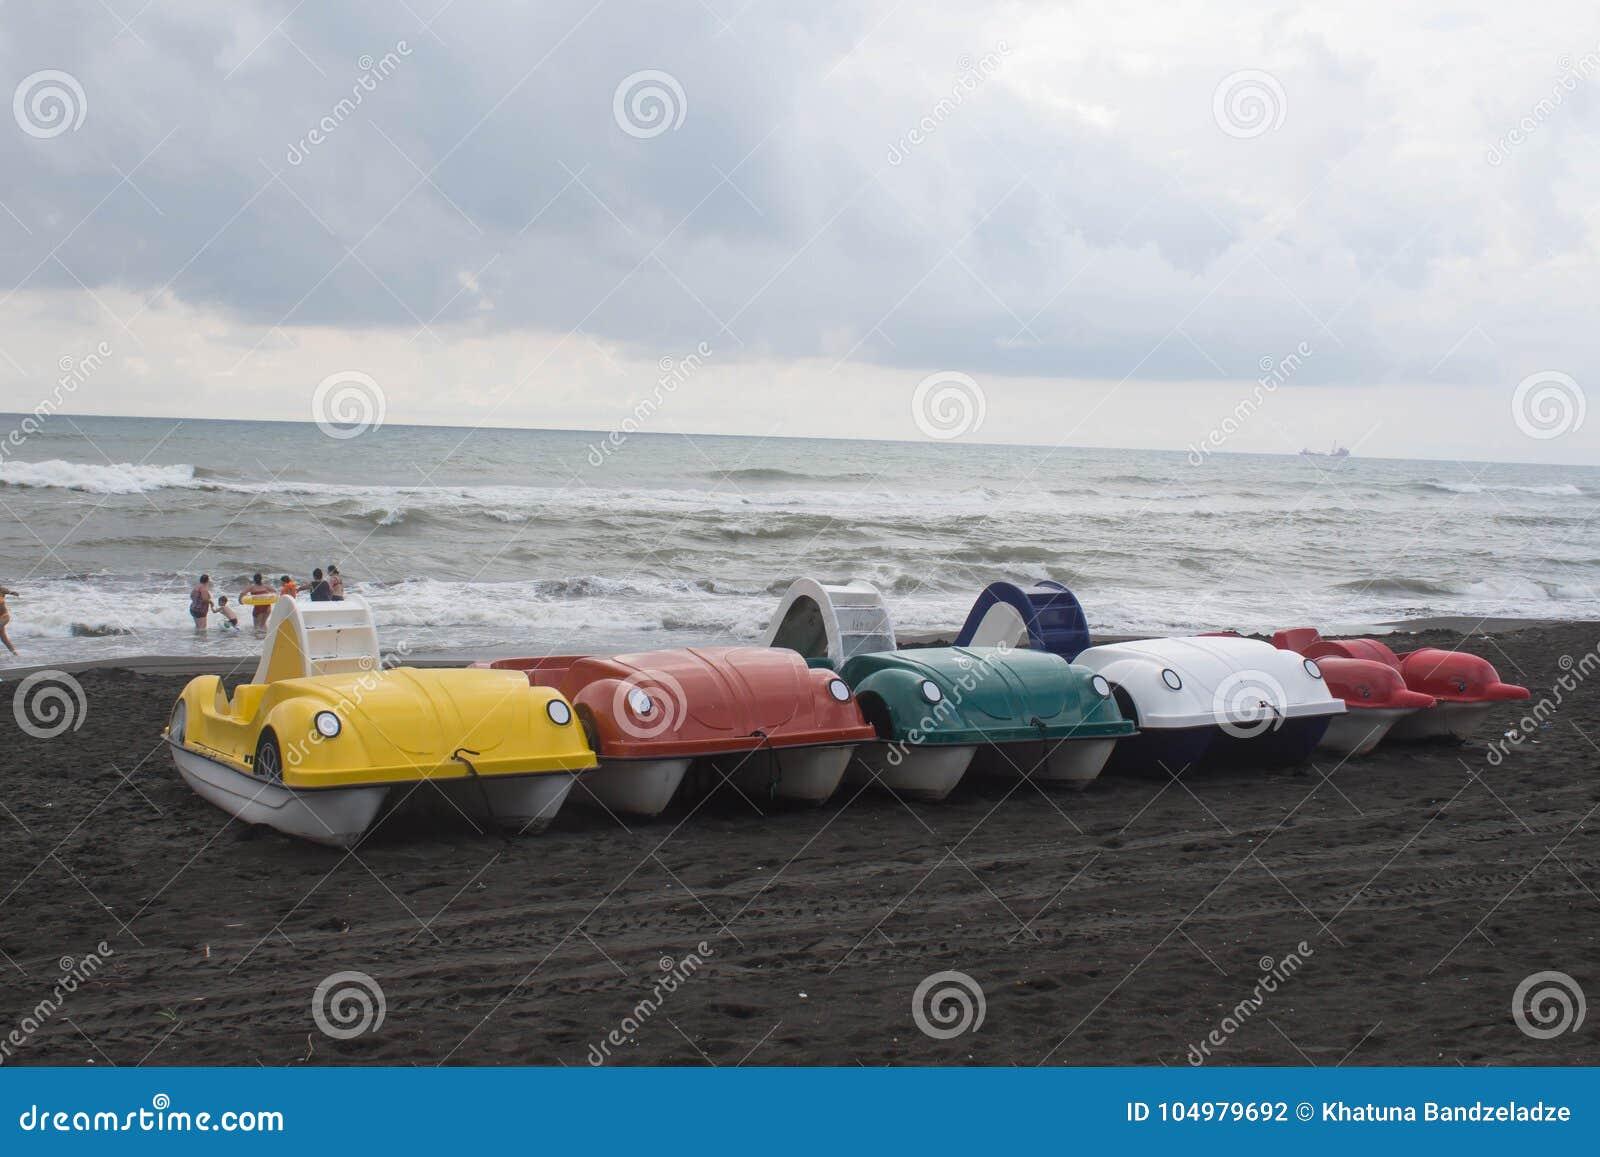 De kleurrijke boten van de pedalopeddel op het strand, bewolking, wolken, golven